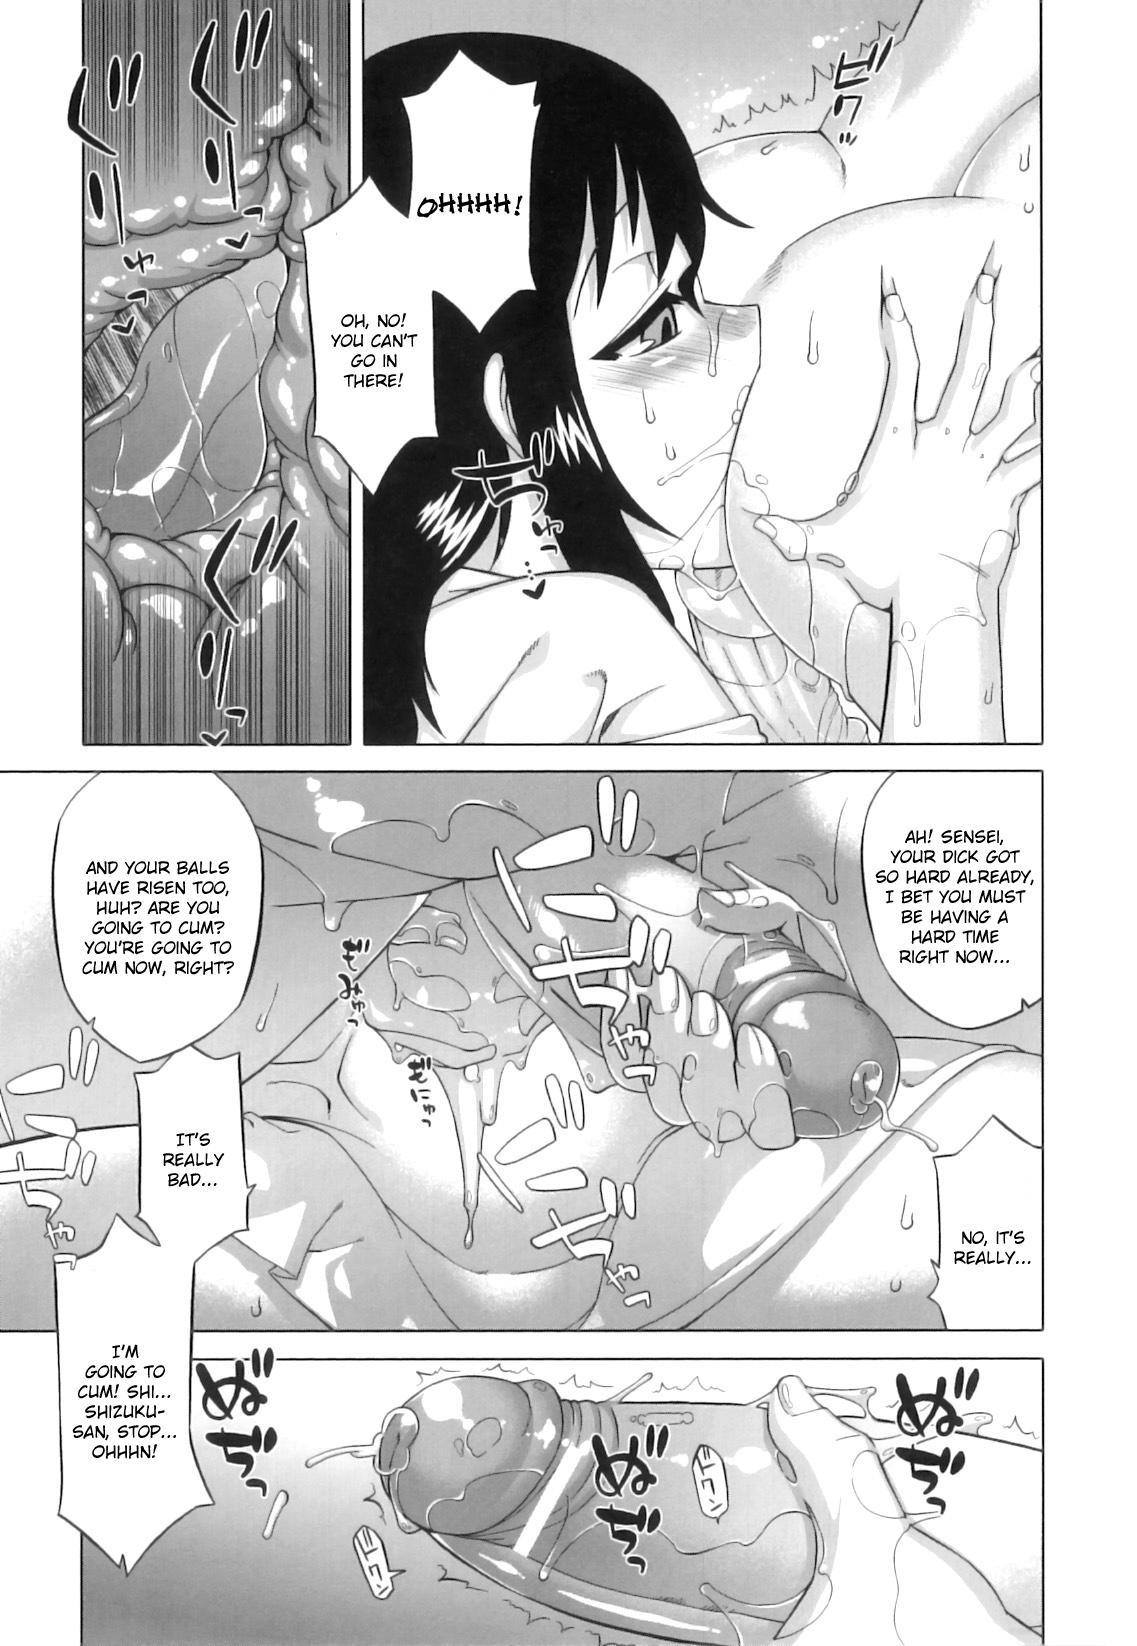 [Takatsu] DH! ~Himorogi Hyaku Yome Gatari~ | Demon-Hentai! - Shrine of One Hundred Wives [English] {doujin-moe.us} 22